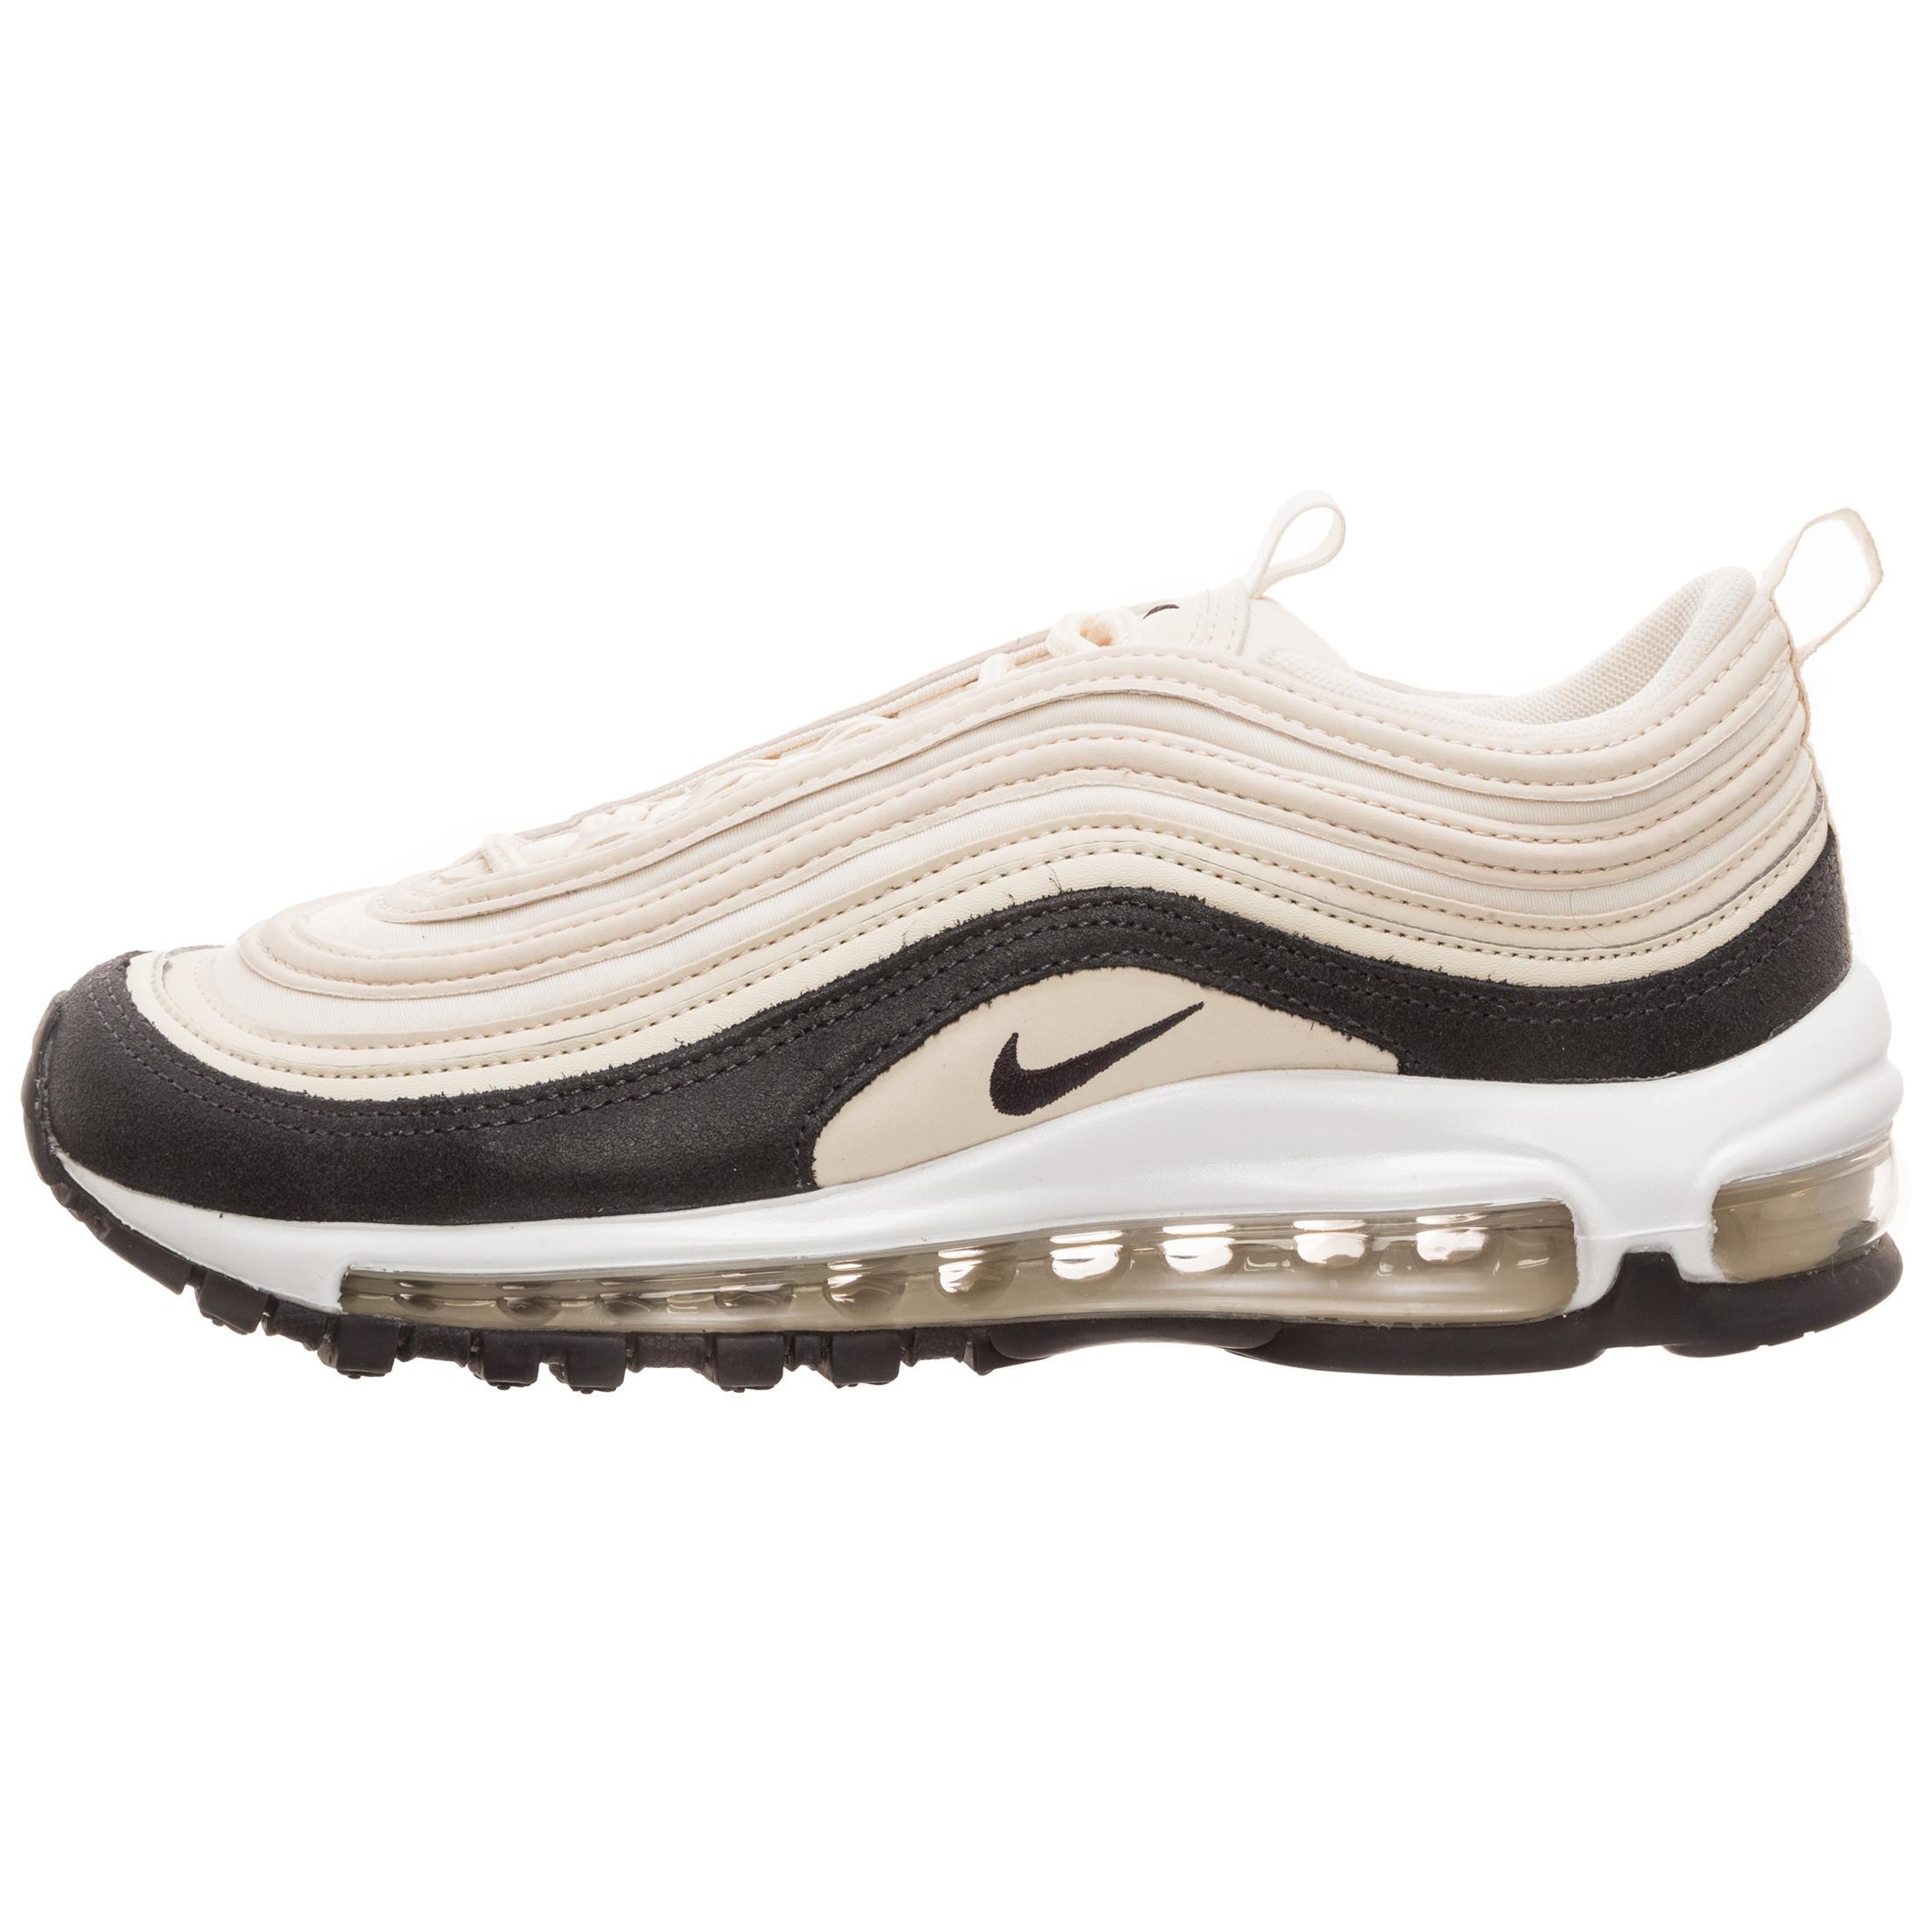 Nike Air Max 97 Premium Turnschuhe Damen beige beige beige   schwarz im Online Shop von SportScheck kaufen Gute Qualität beliebte Schuhe b0f87b